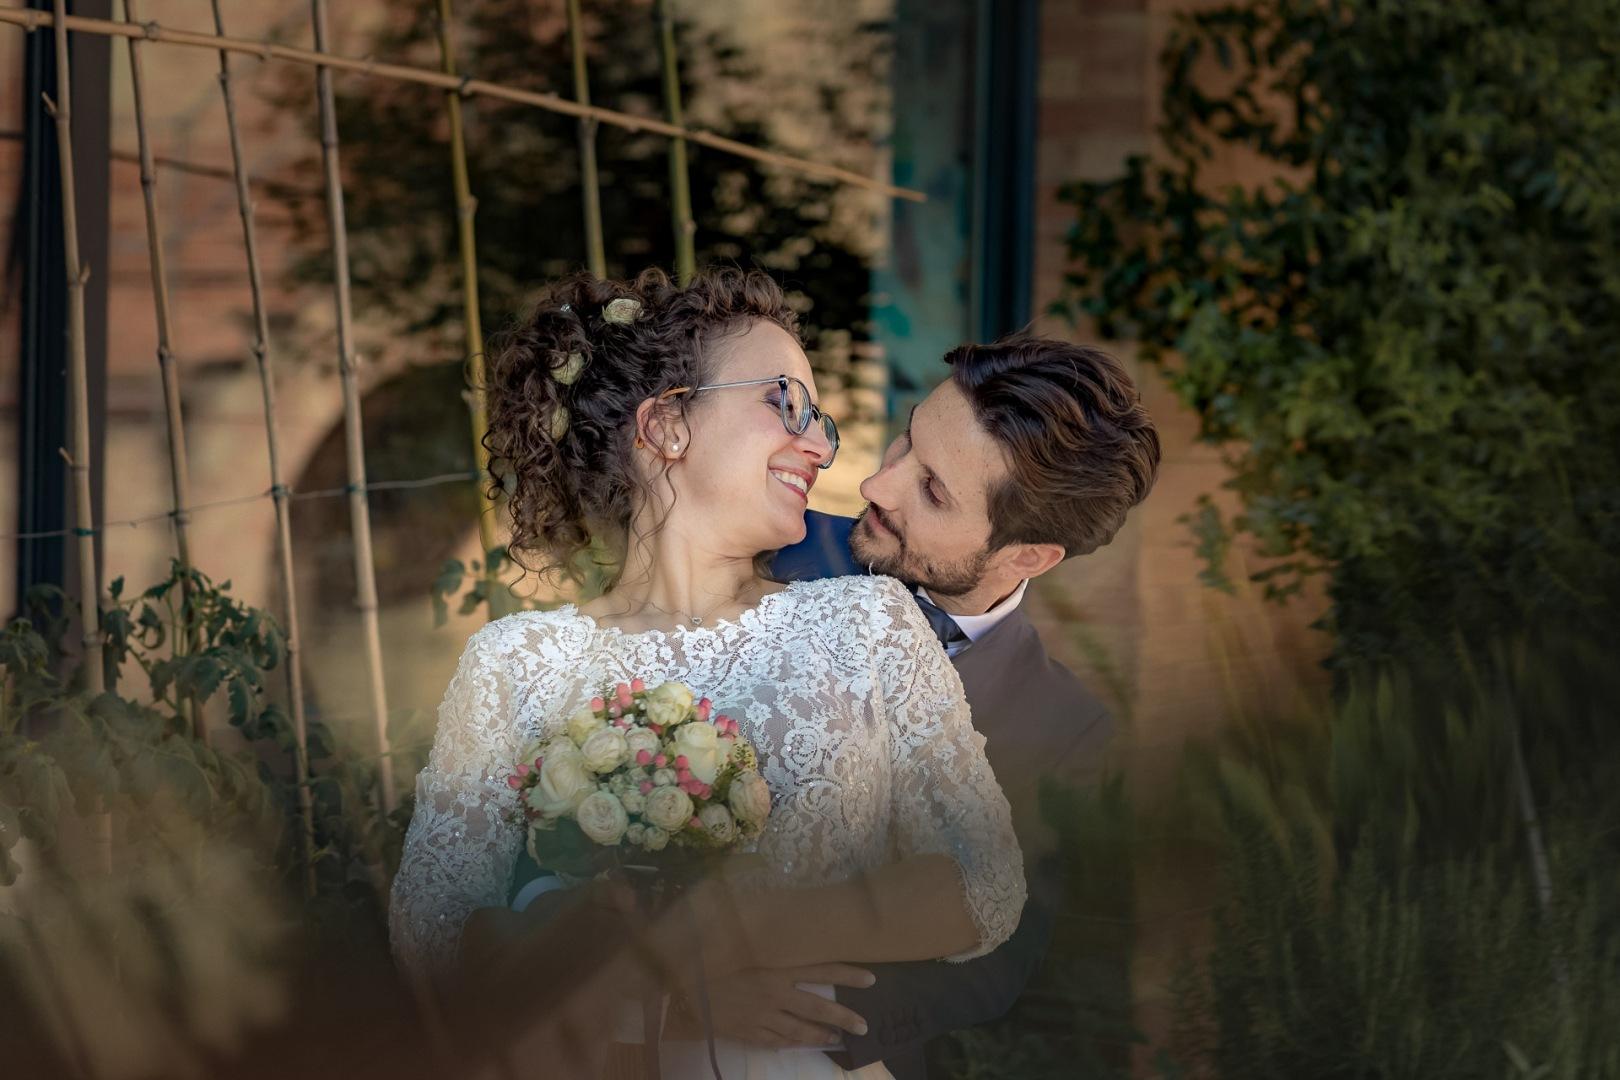 nicola-da-lio-wedding-photographer-venezia-treviso-padova-veneto-italia-131